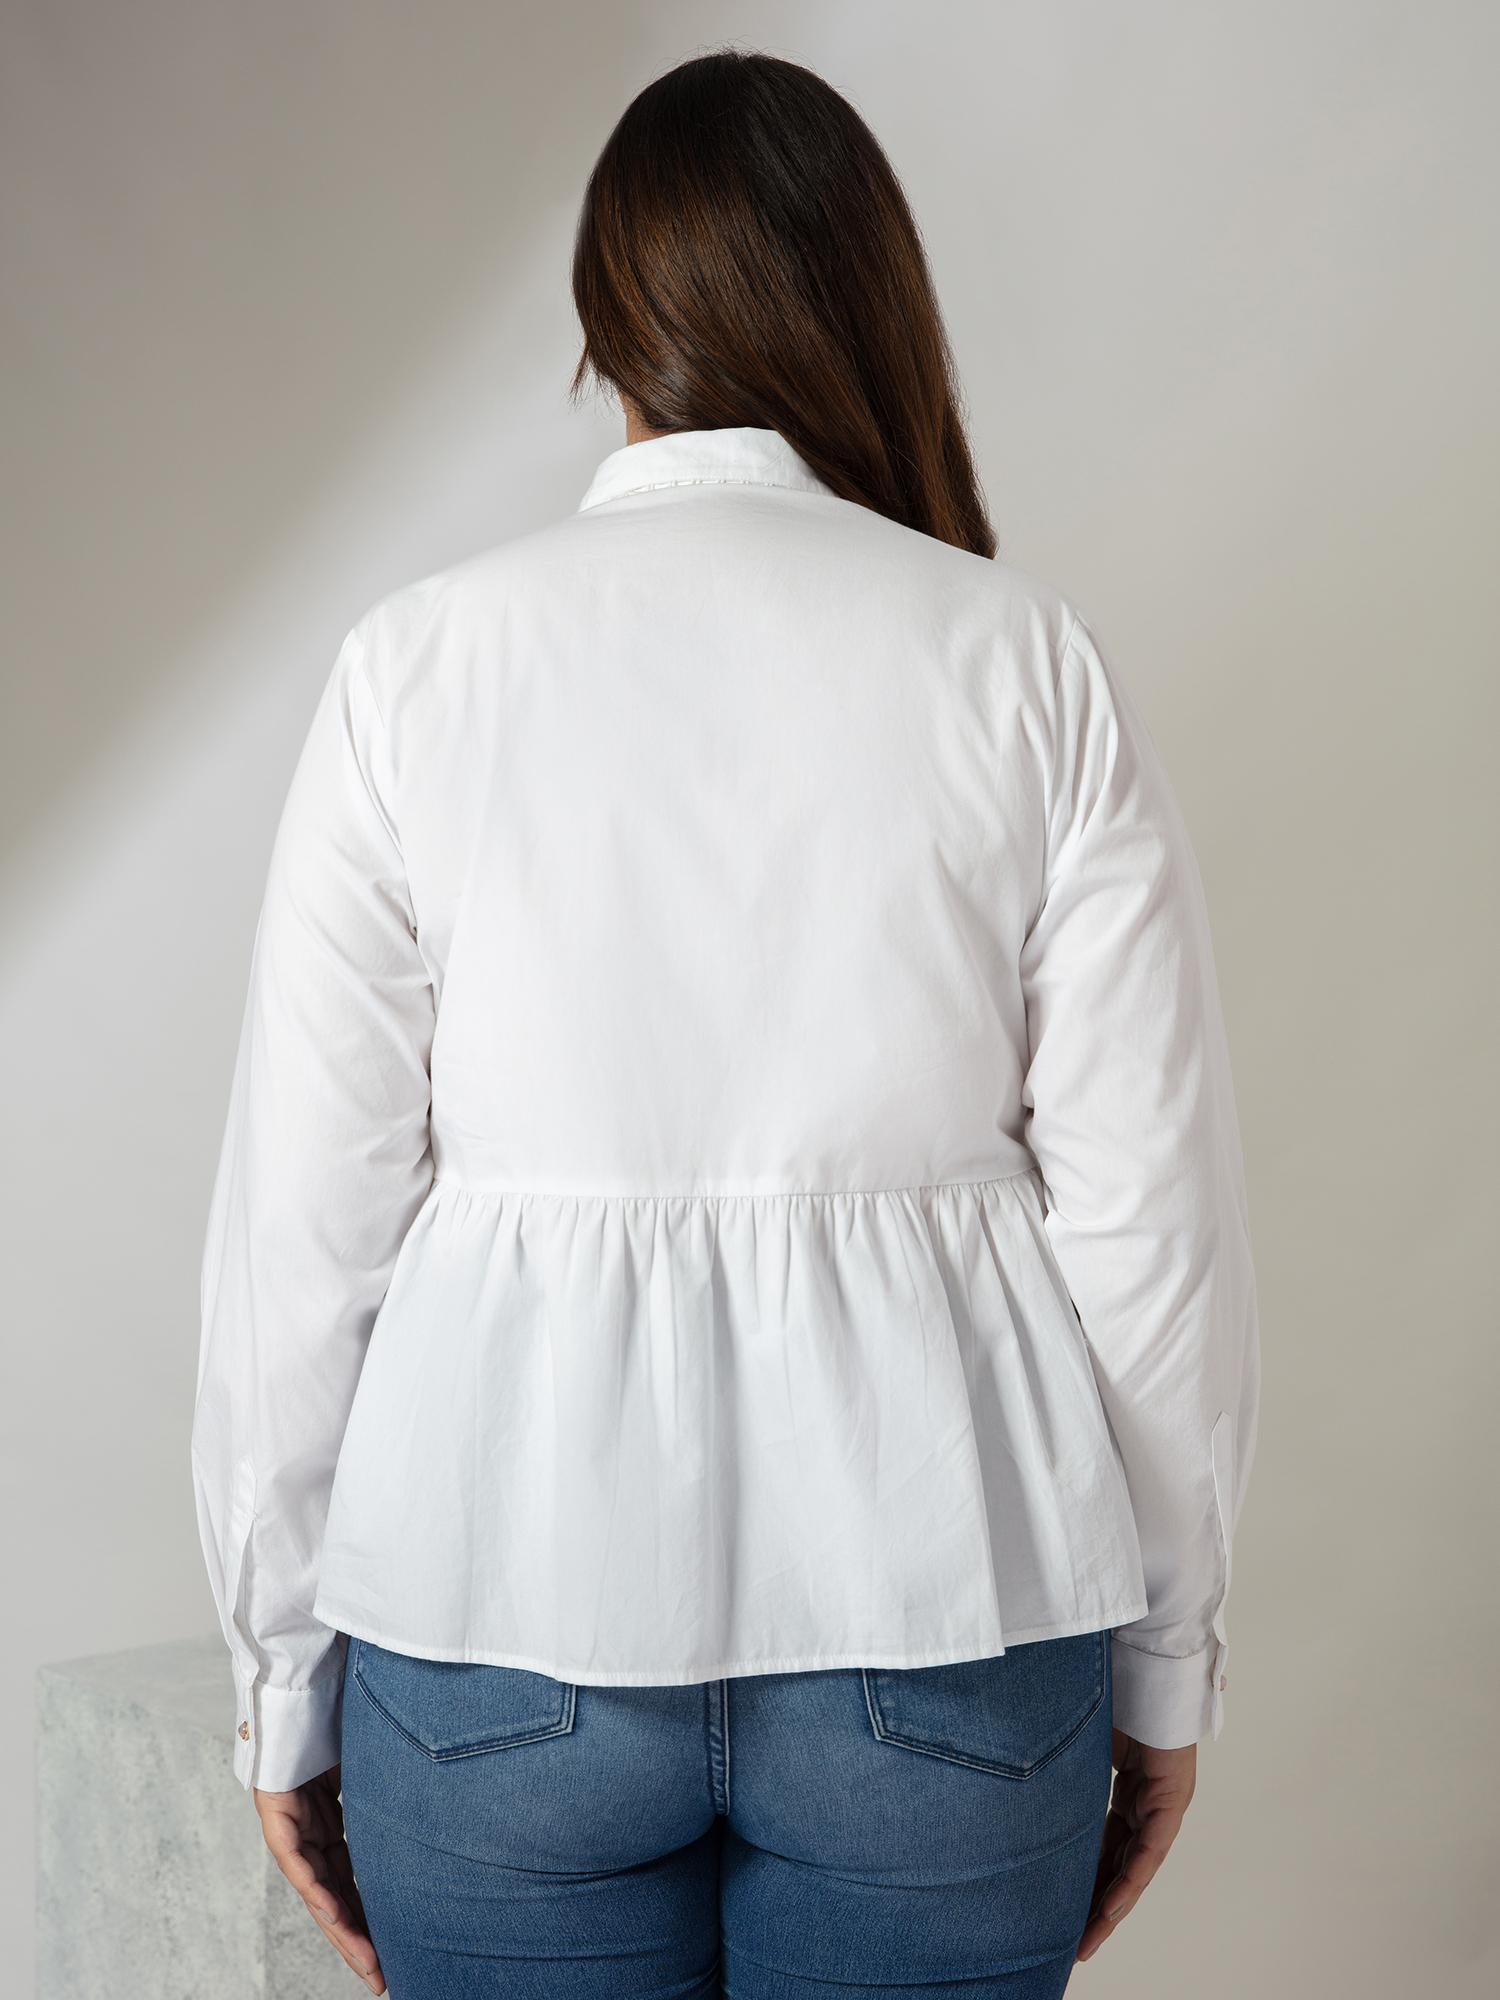 Tops-I Fancy You White Shirt3